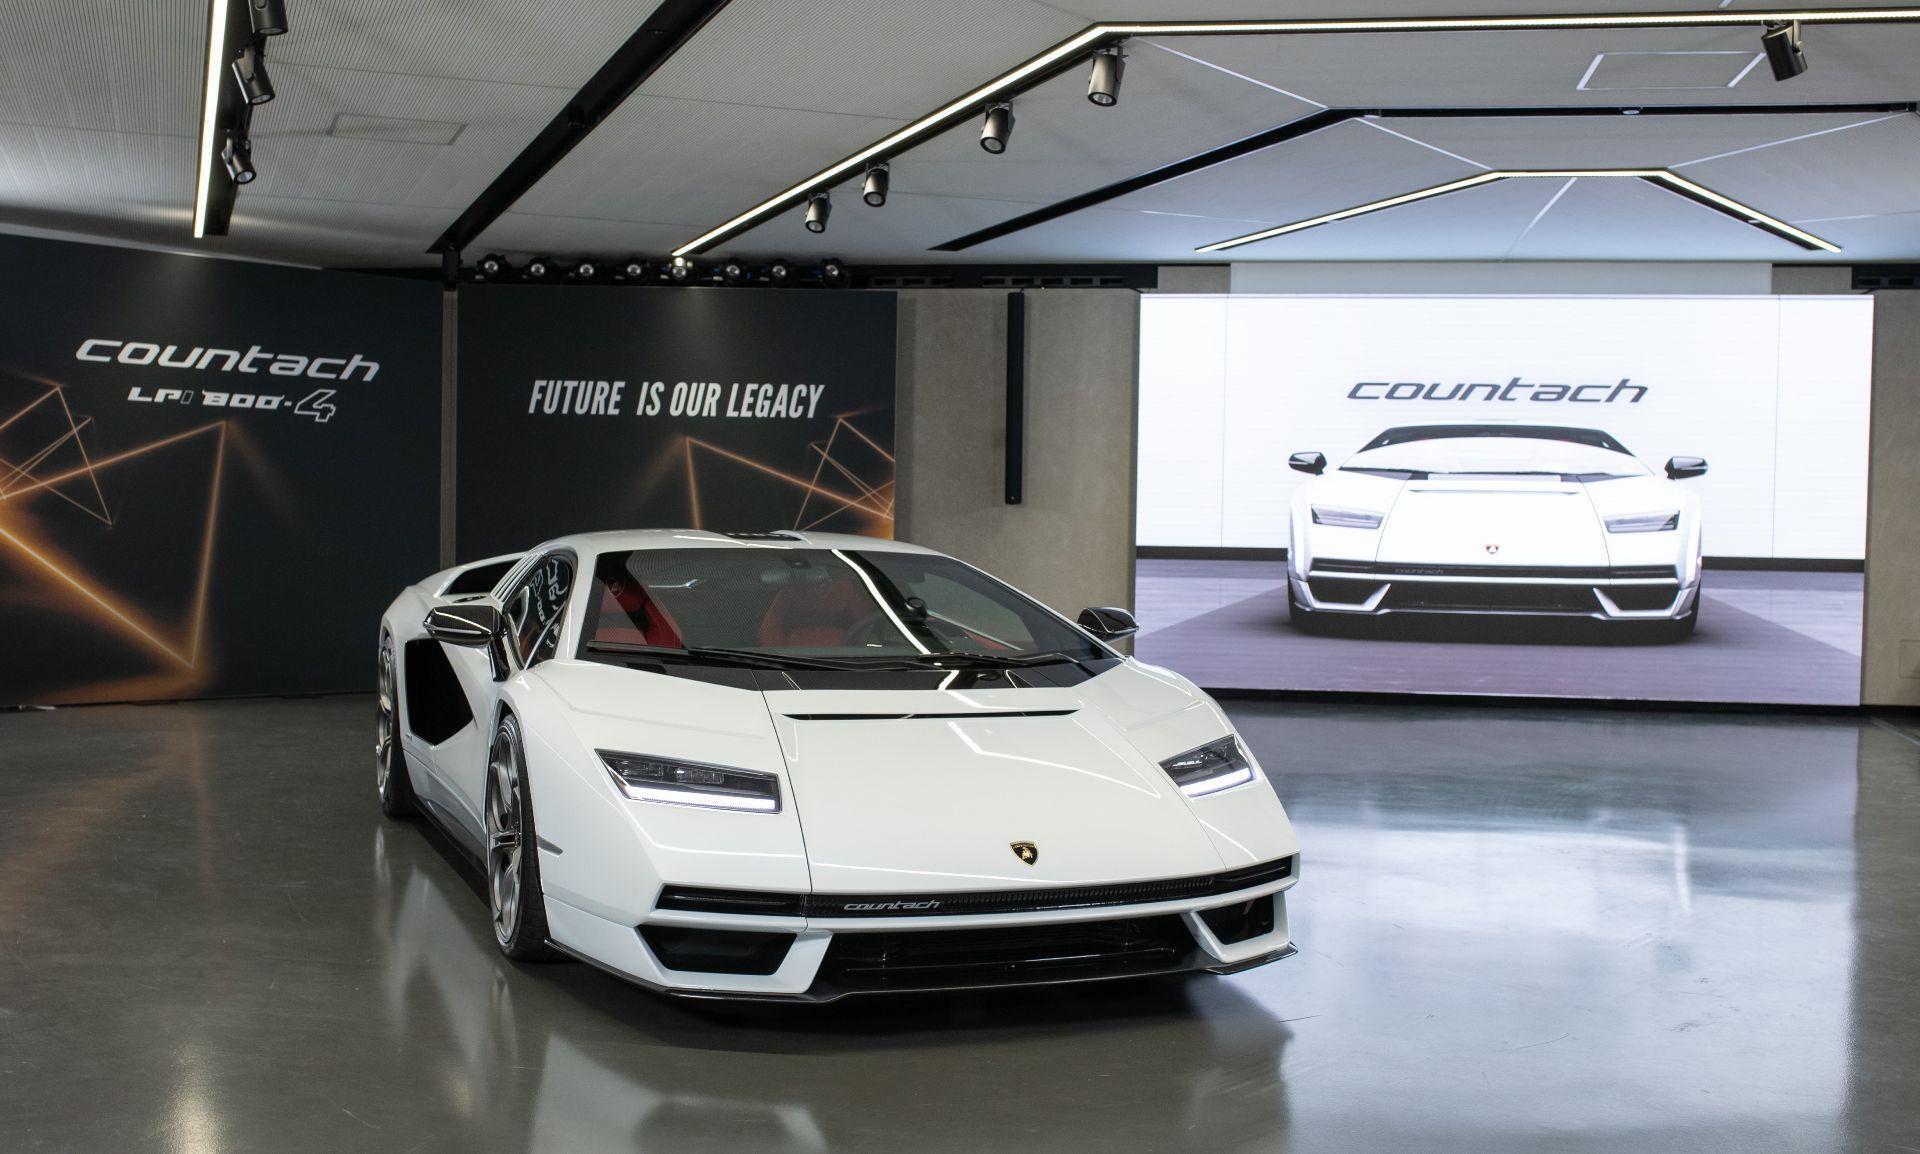 Lamborghini-Countach-LPI-800-4-1